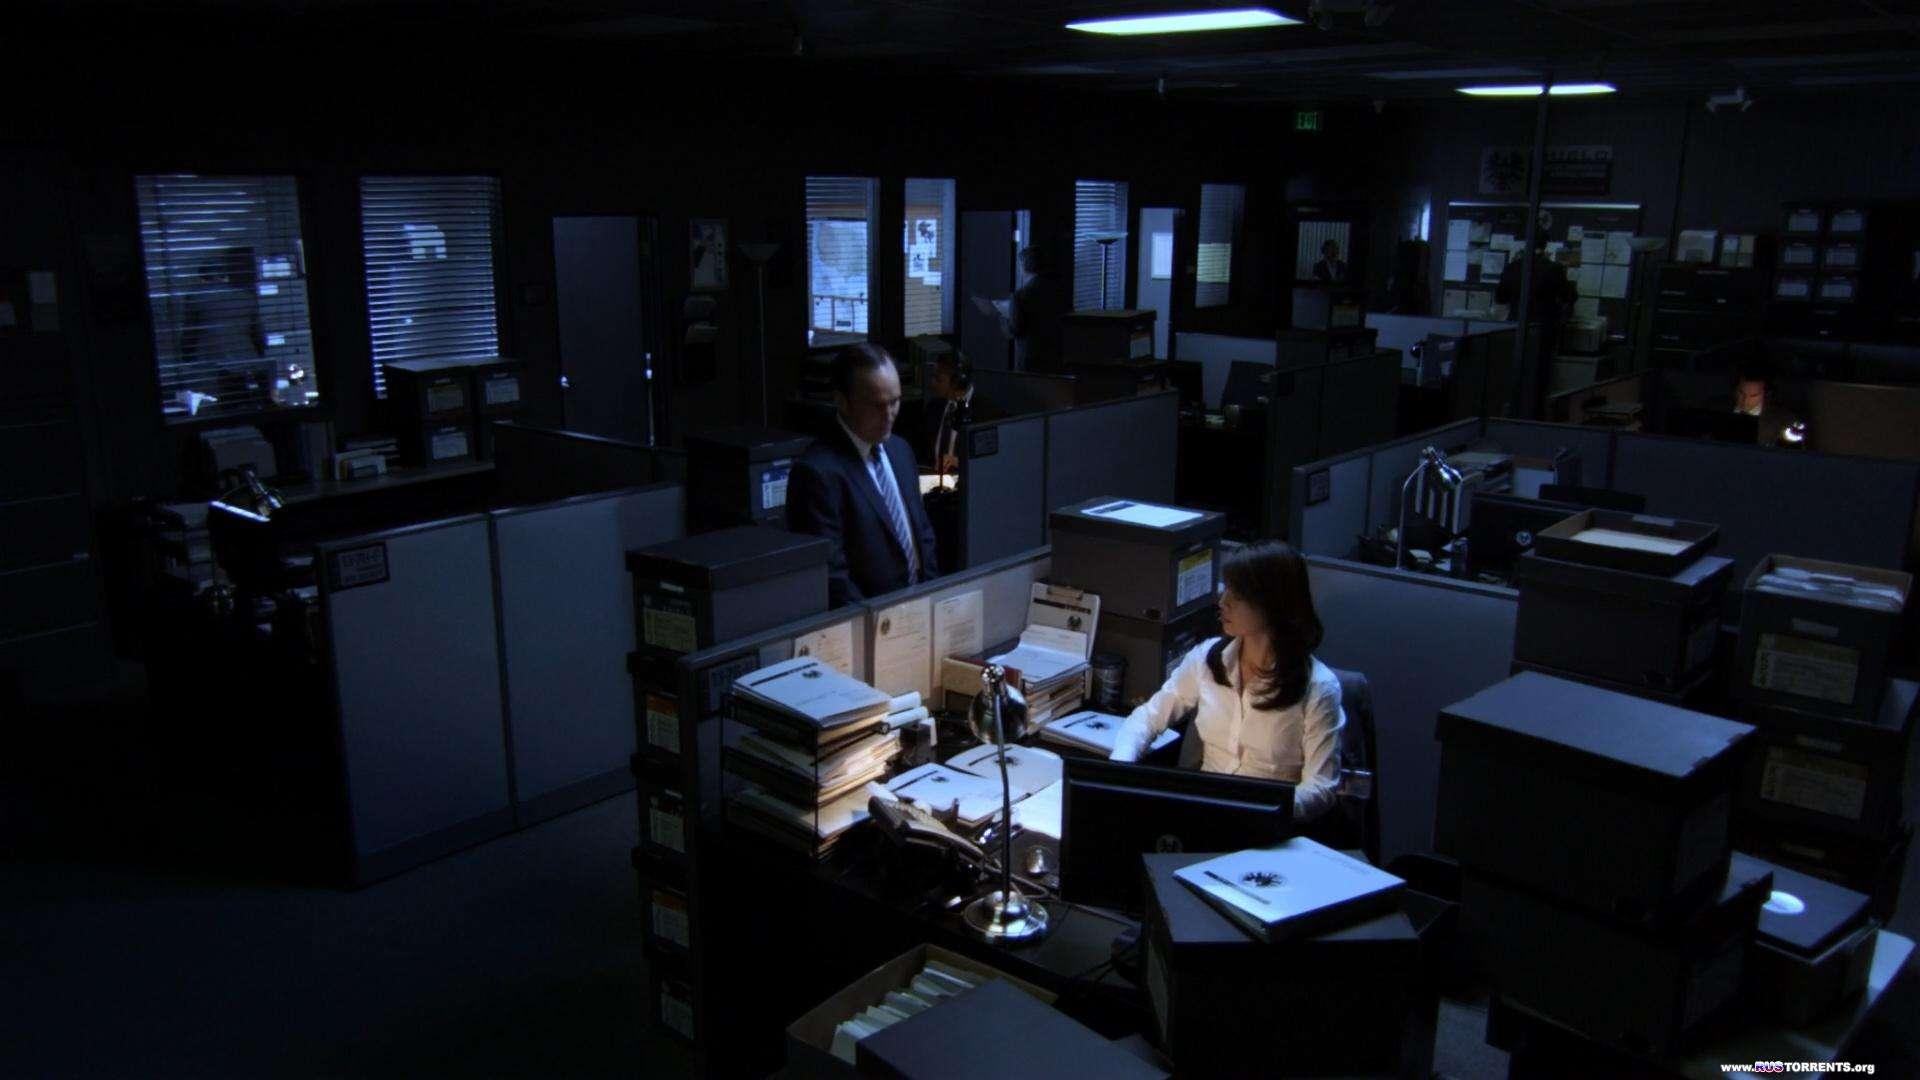 Агенты Щ.И.Т. [01 сезон: 01-22 серии из 22] | WEB-DLRip 1080p | LostFilm